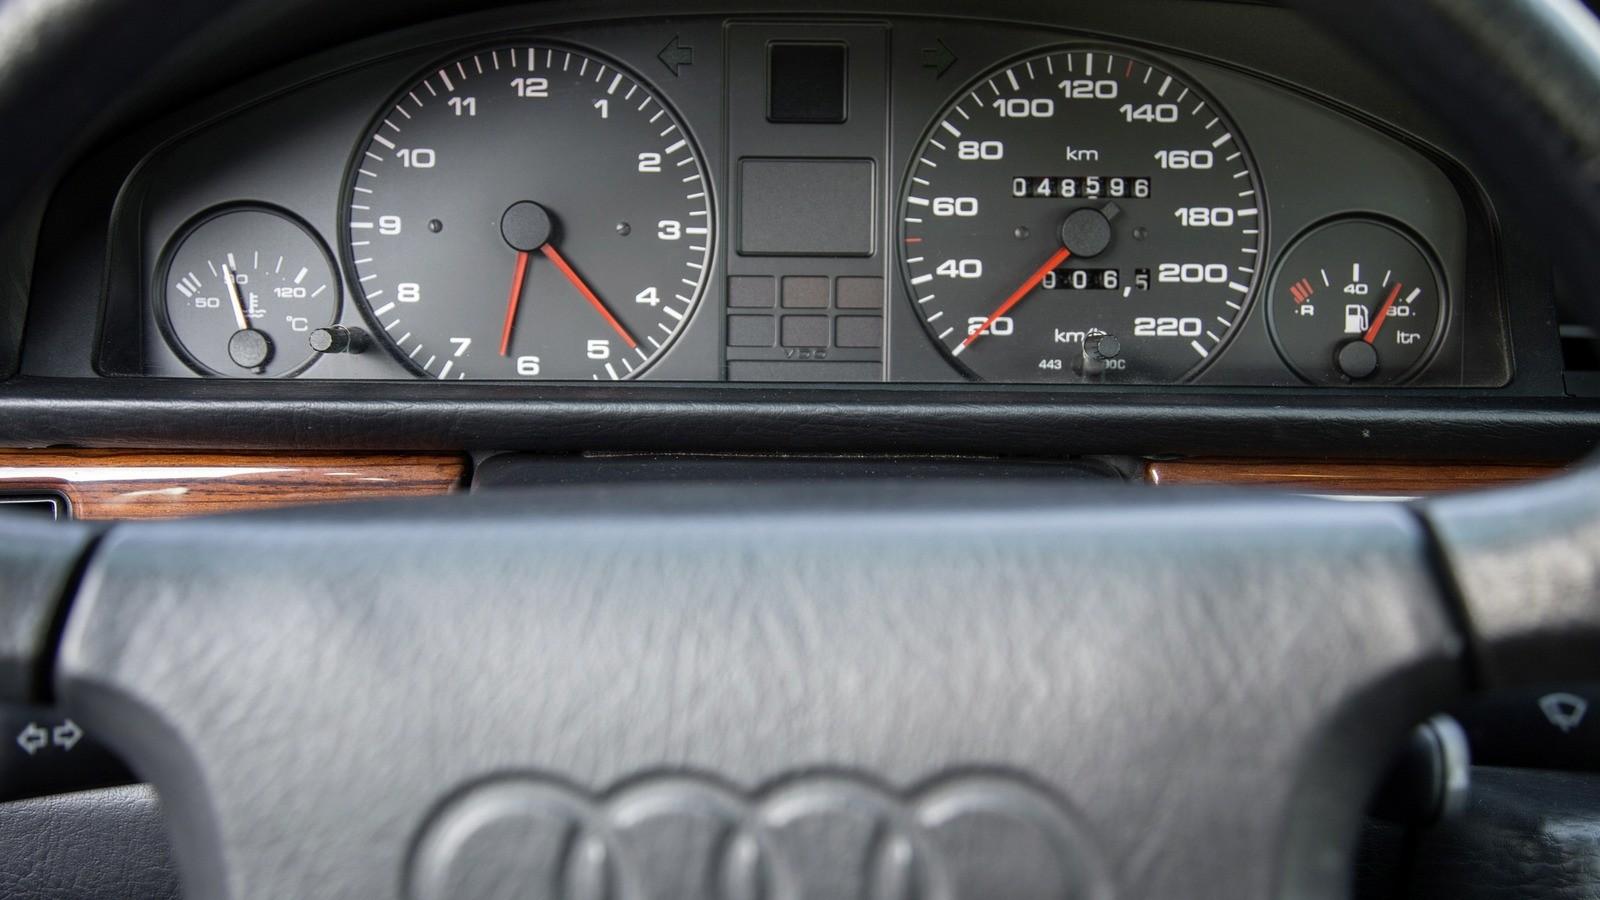 Часы вместо тахометра – на немецких автомобилях восьмидесятых такое можно было встретить даже в бизнес-классе!